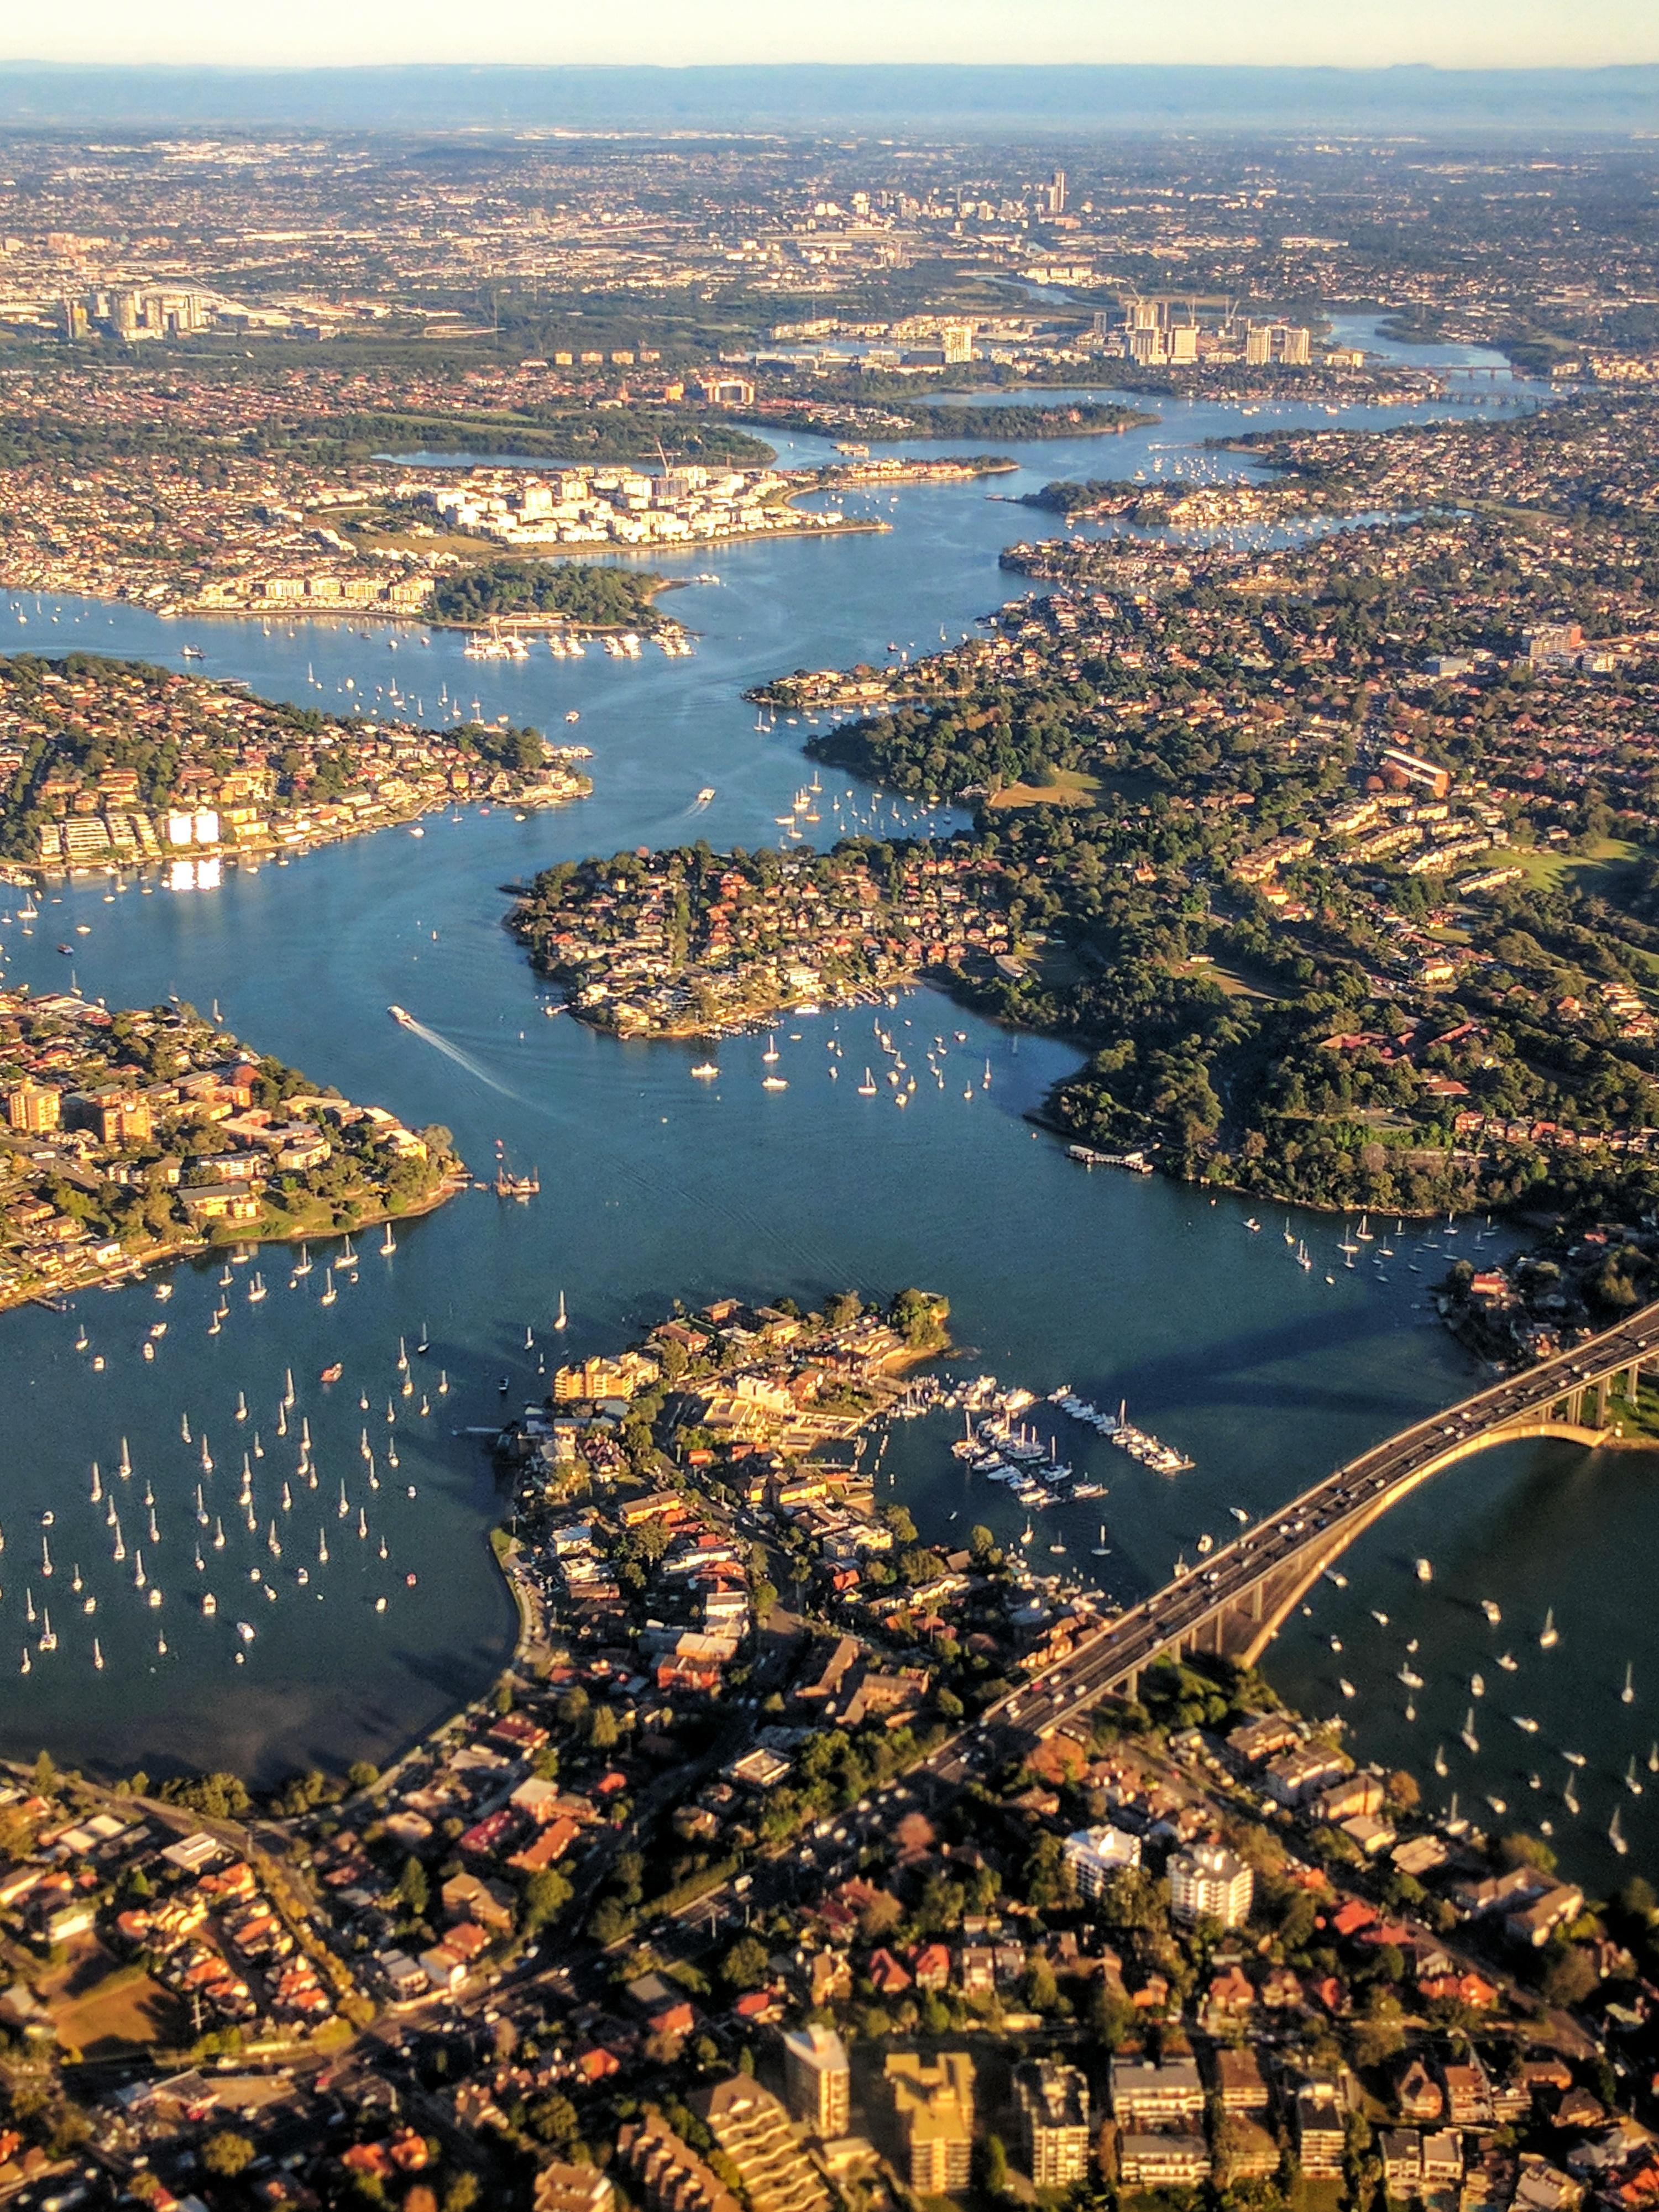 Above Parramatta River (Sydney) looking west from Gladesville Bridge